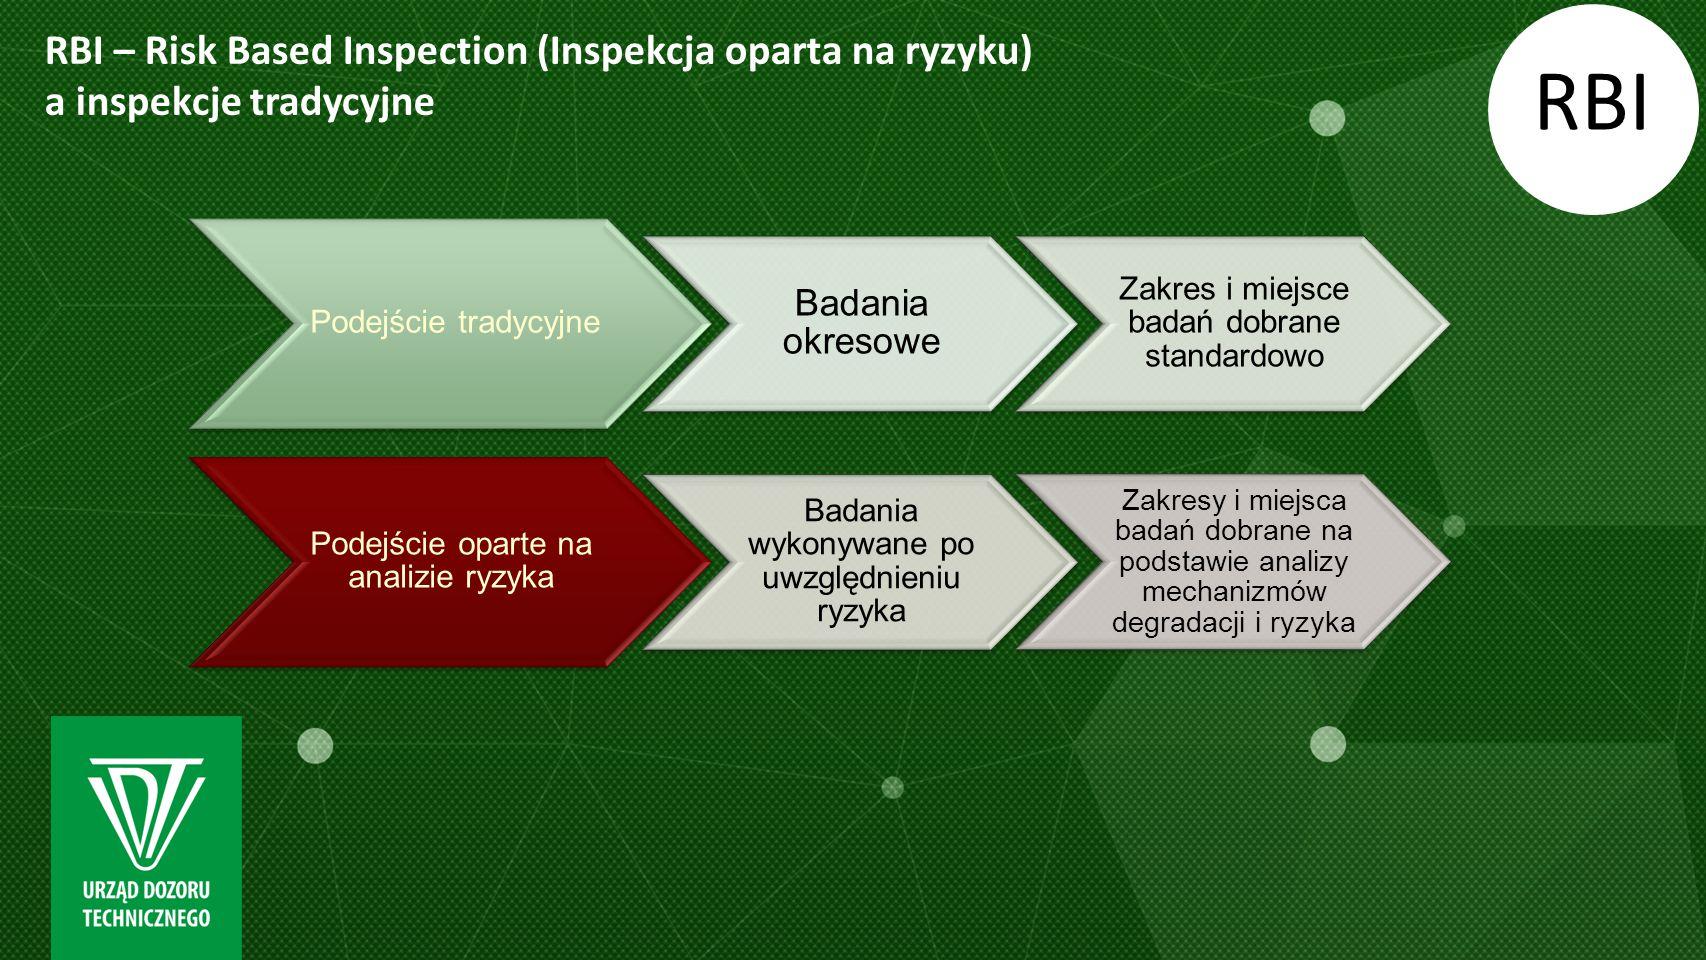 RBI – Risk Based Inspection (Inspekcja oparta na ryzyku) a inspekcje tradycyjne